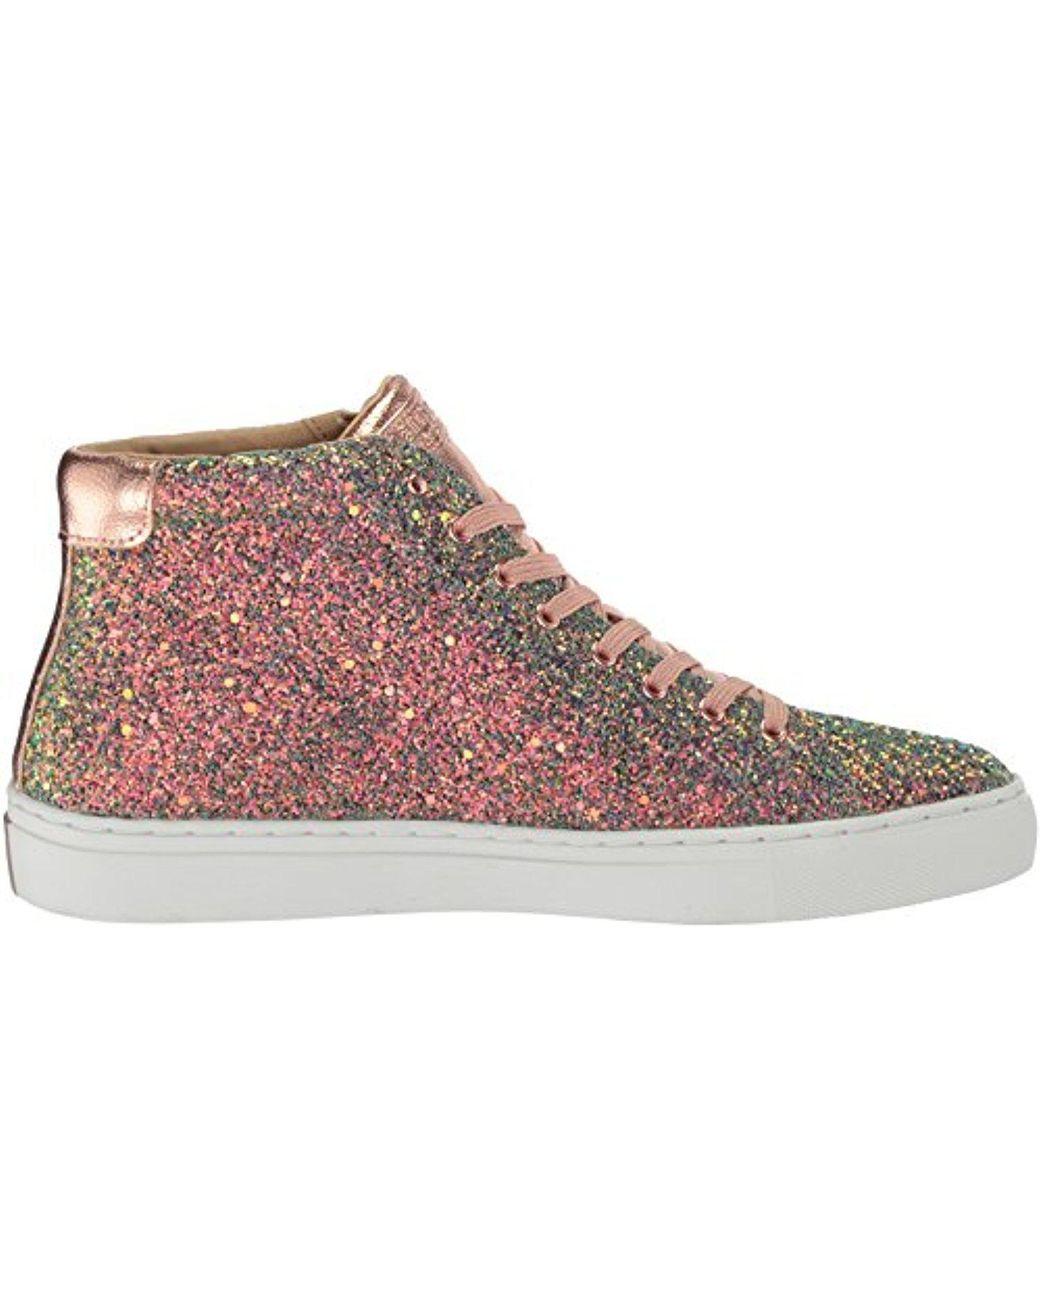 3efad401e4b Lyst - Skechers Side Street-rock Glitter Sneaker - Save 36%